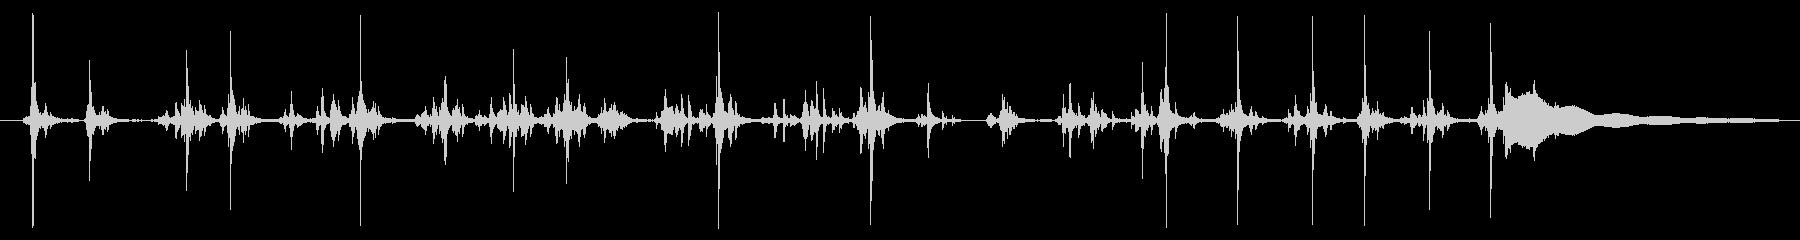 ヴィンテージタイプライター:ショー...の未再生の波形